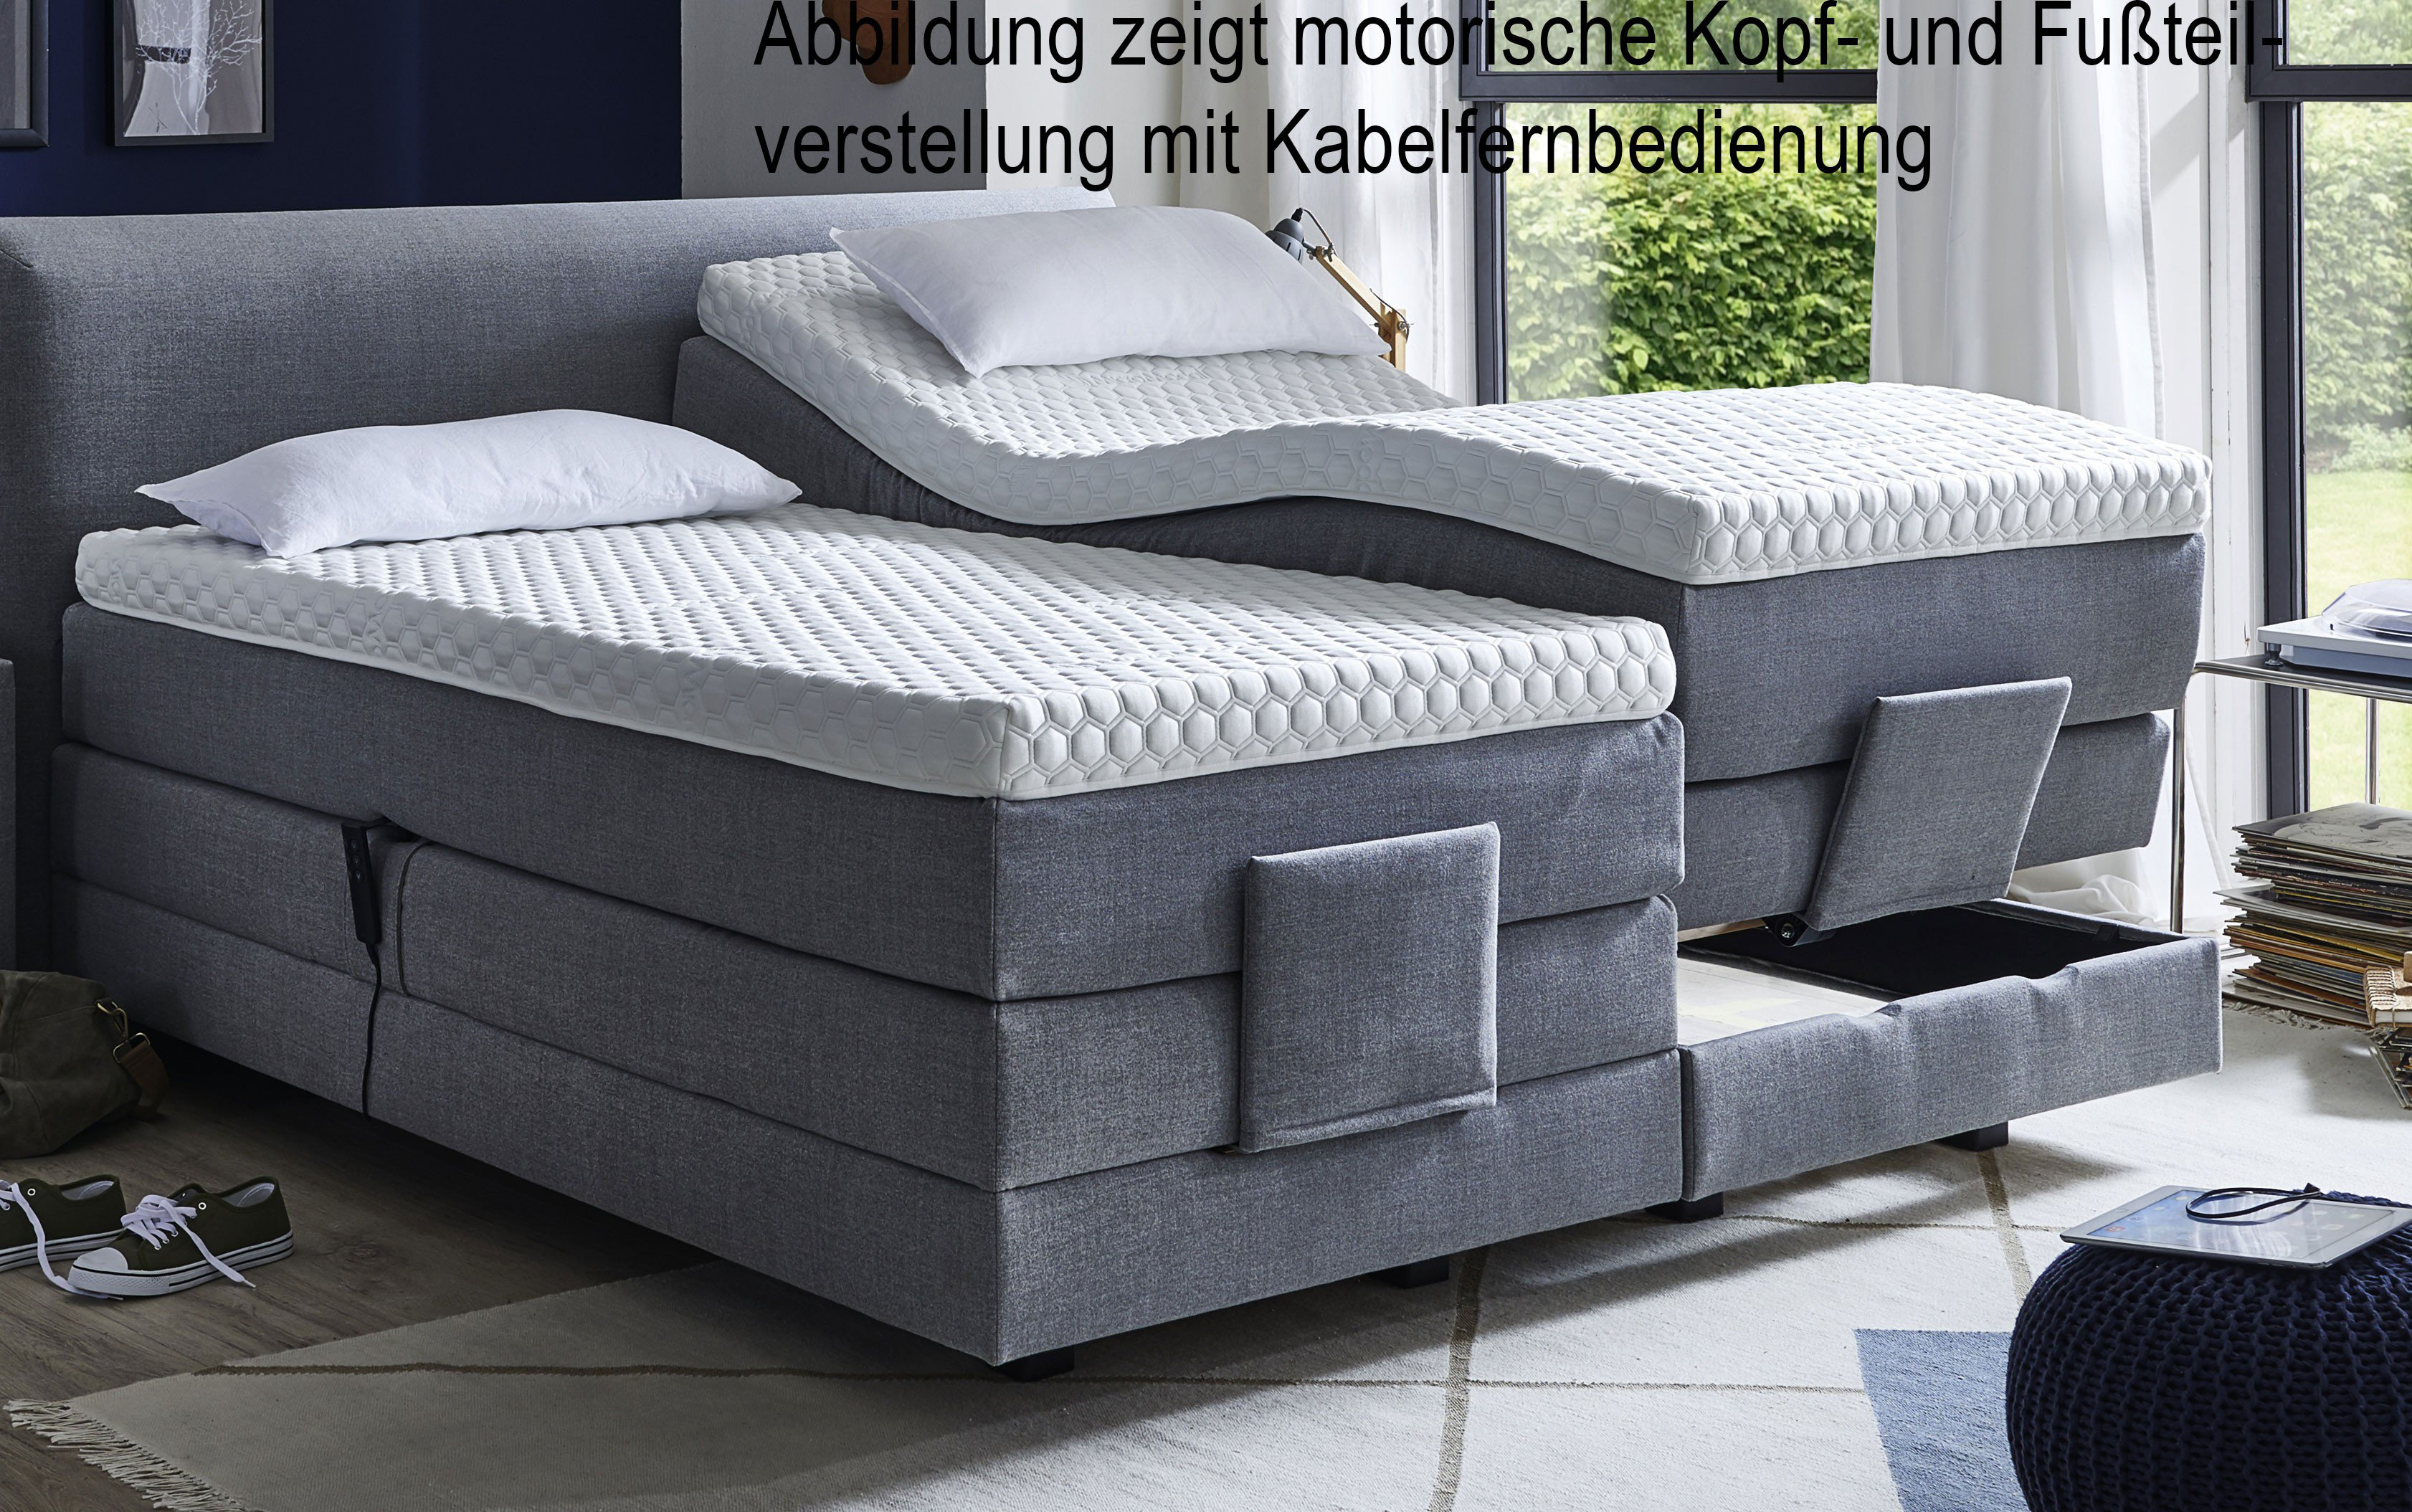 Fey Co Boxspringbett Wien Motorisch Dunkelbraun Möbel Letz Ihr